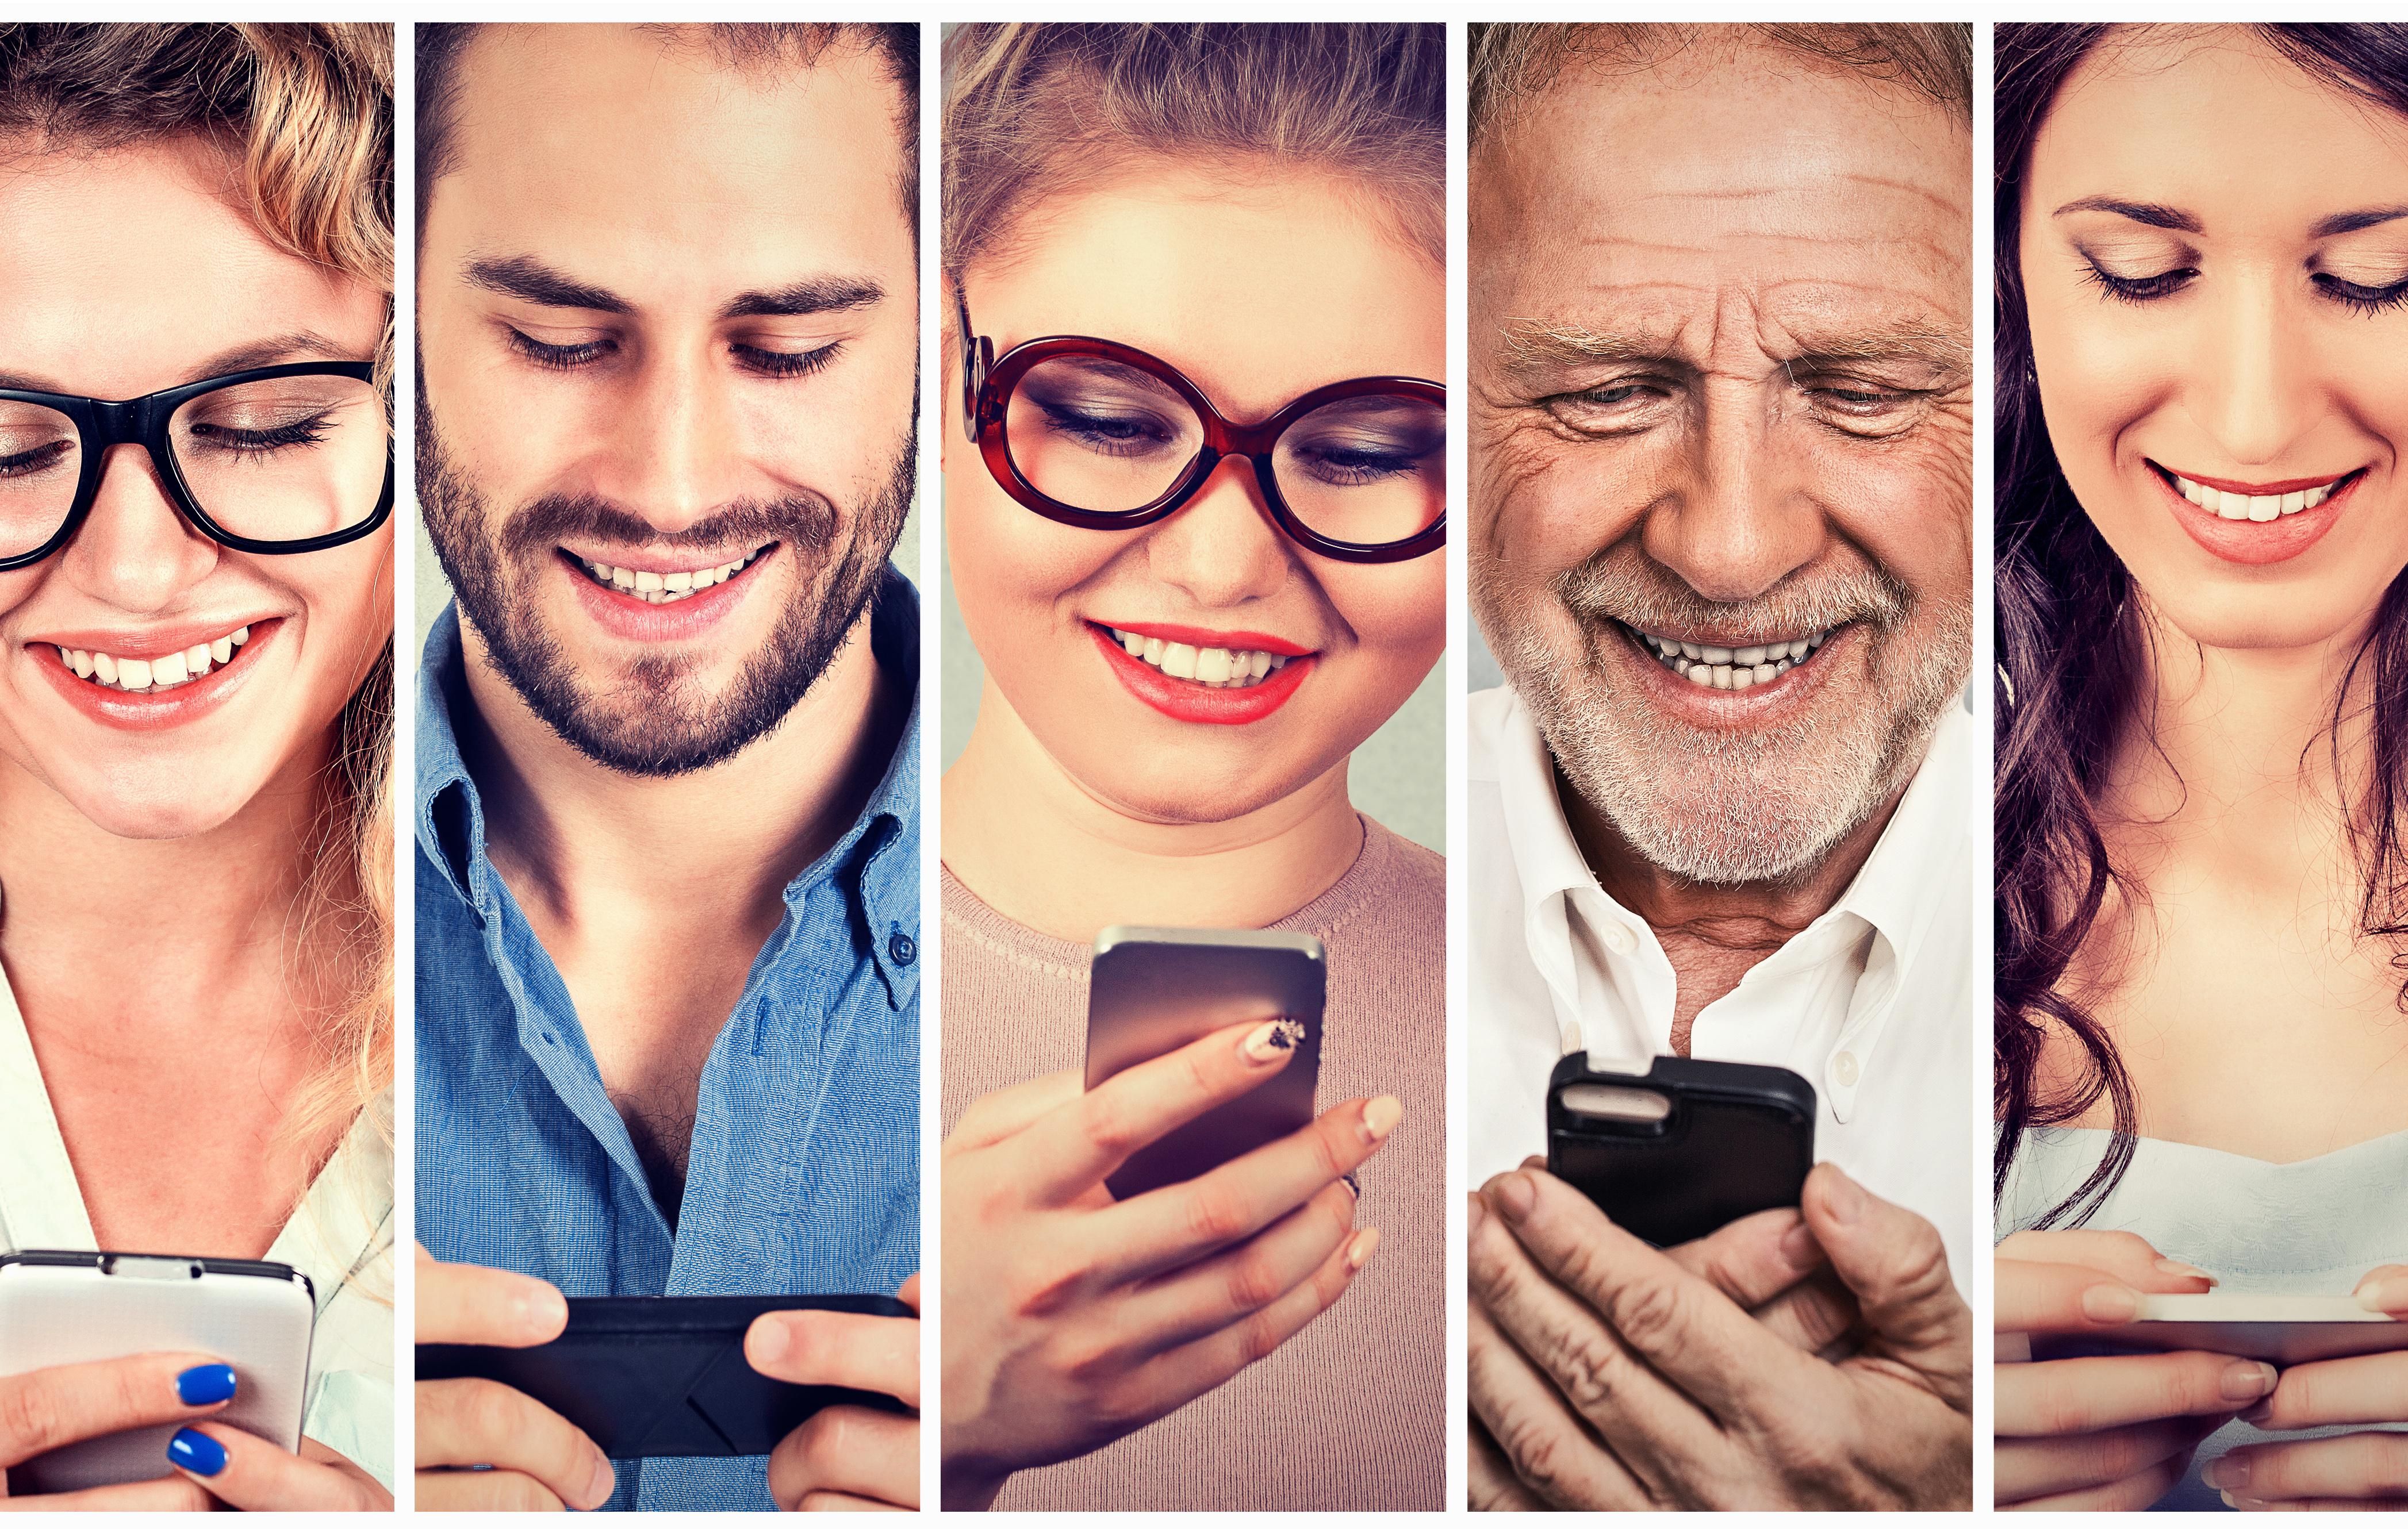 flotte mobile souriez vous êtes filtrés filtrage de contenu